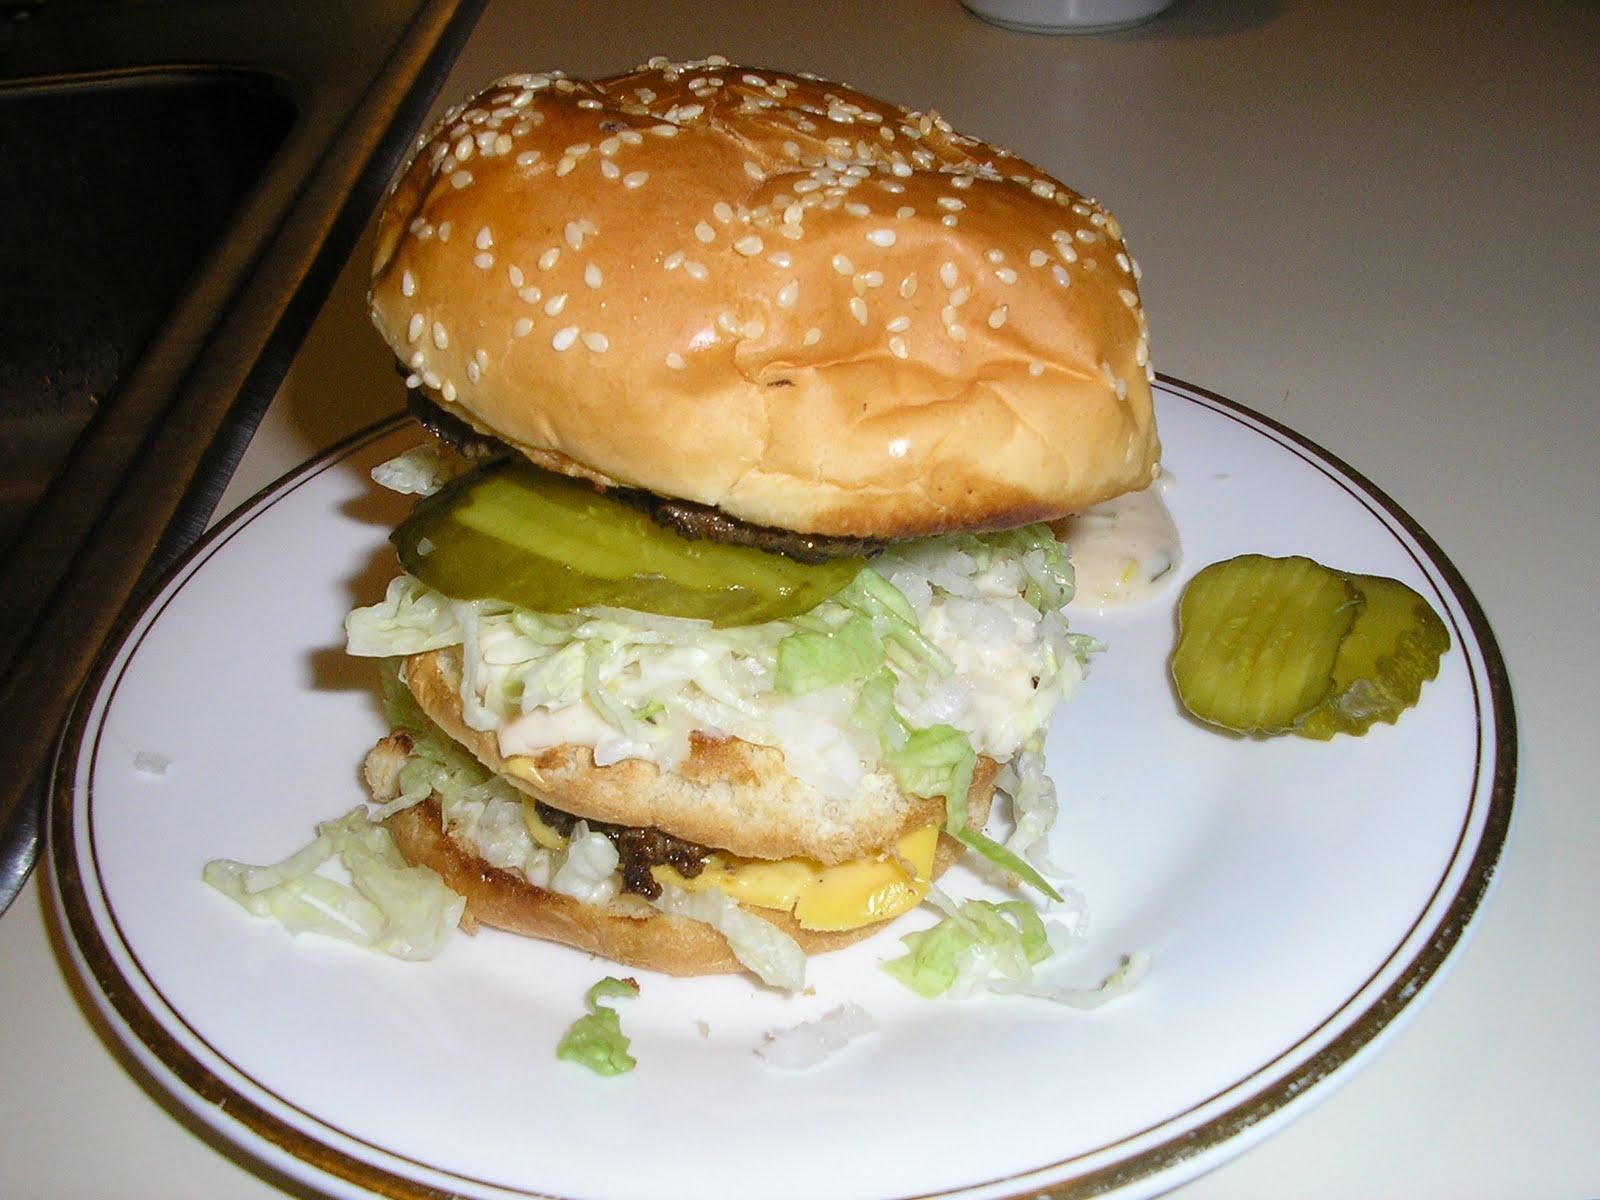 big%2Bmac%2Band%2Bchix%2Bsalad%2B004 I saw Big Mac porn.....and